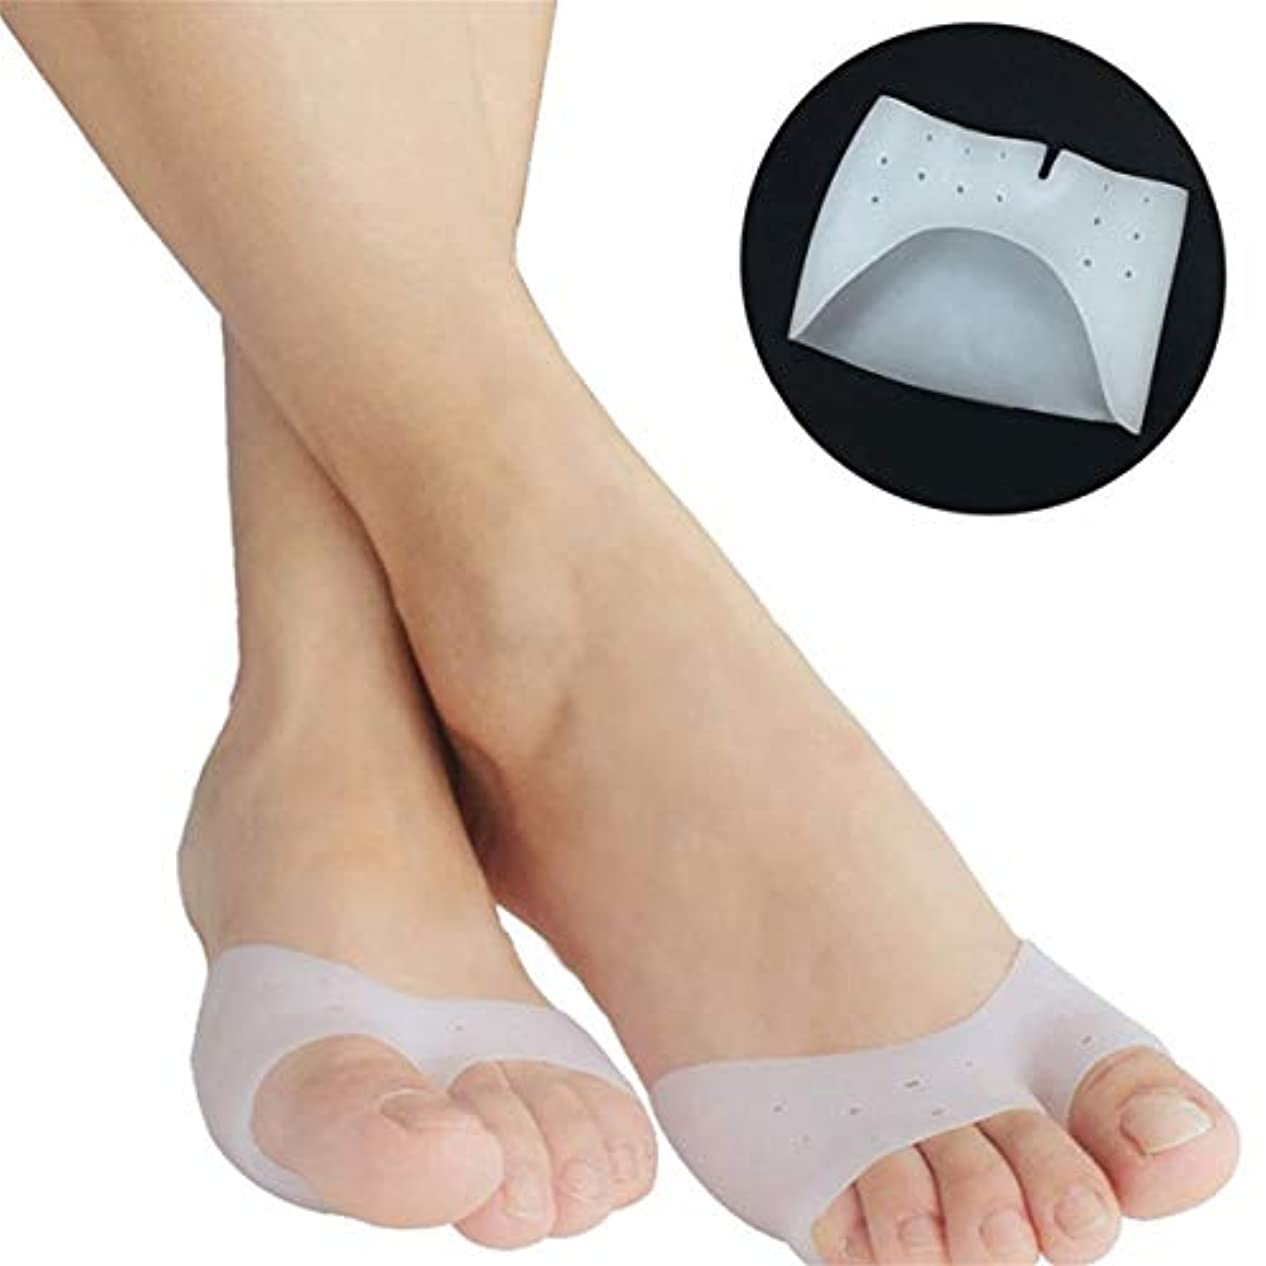 改革謙虚な生まれ1 Pair Super Soft Silicone Toe Sleeve Ballet Shoe High Heels Toe Pads Gel Foot Care Tool For Foot Protecting Massage